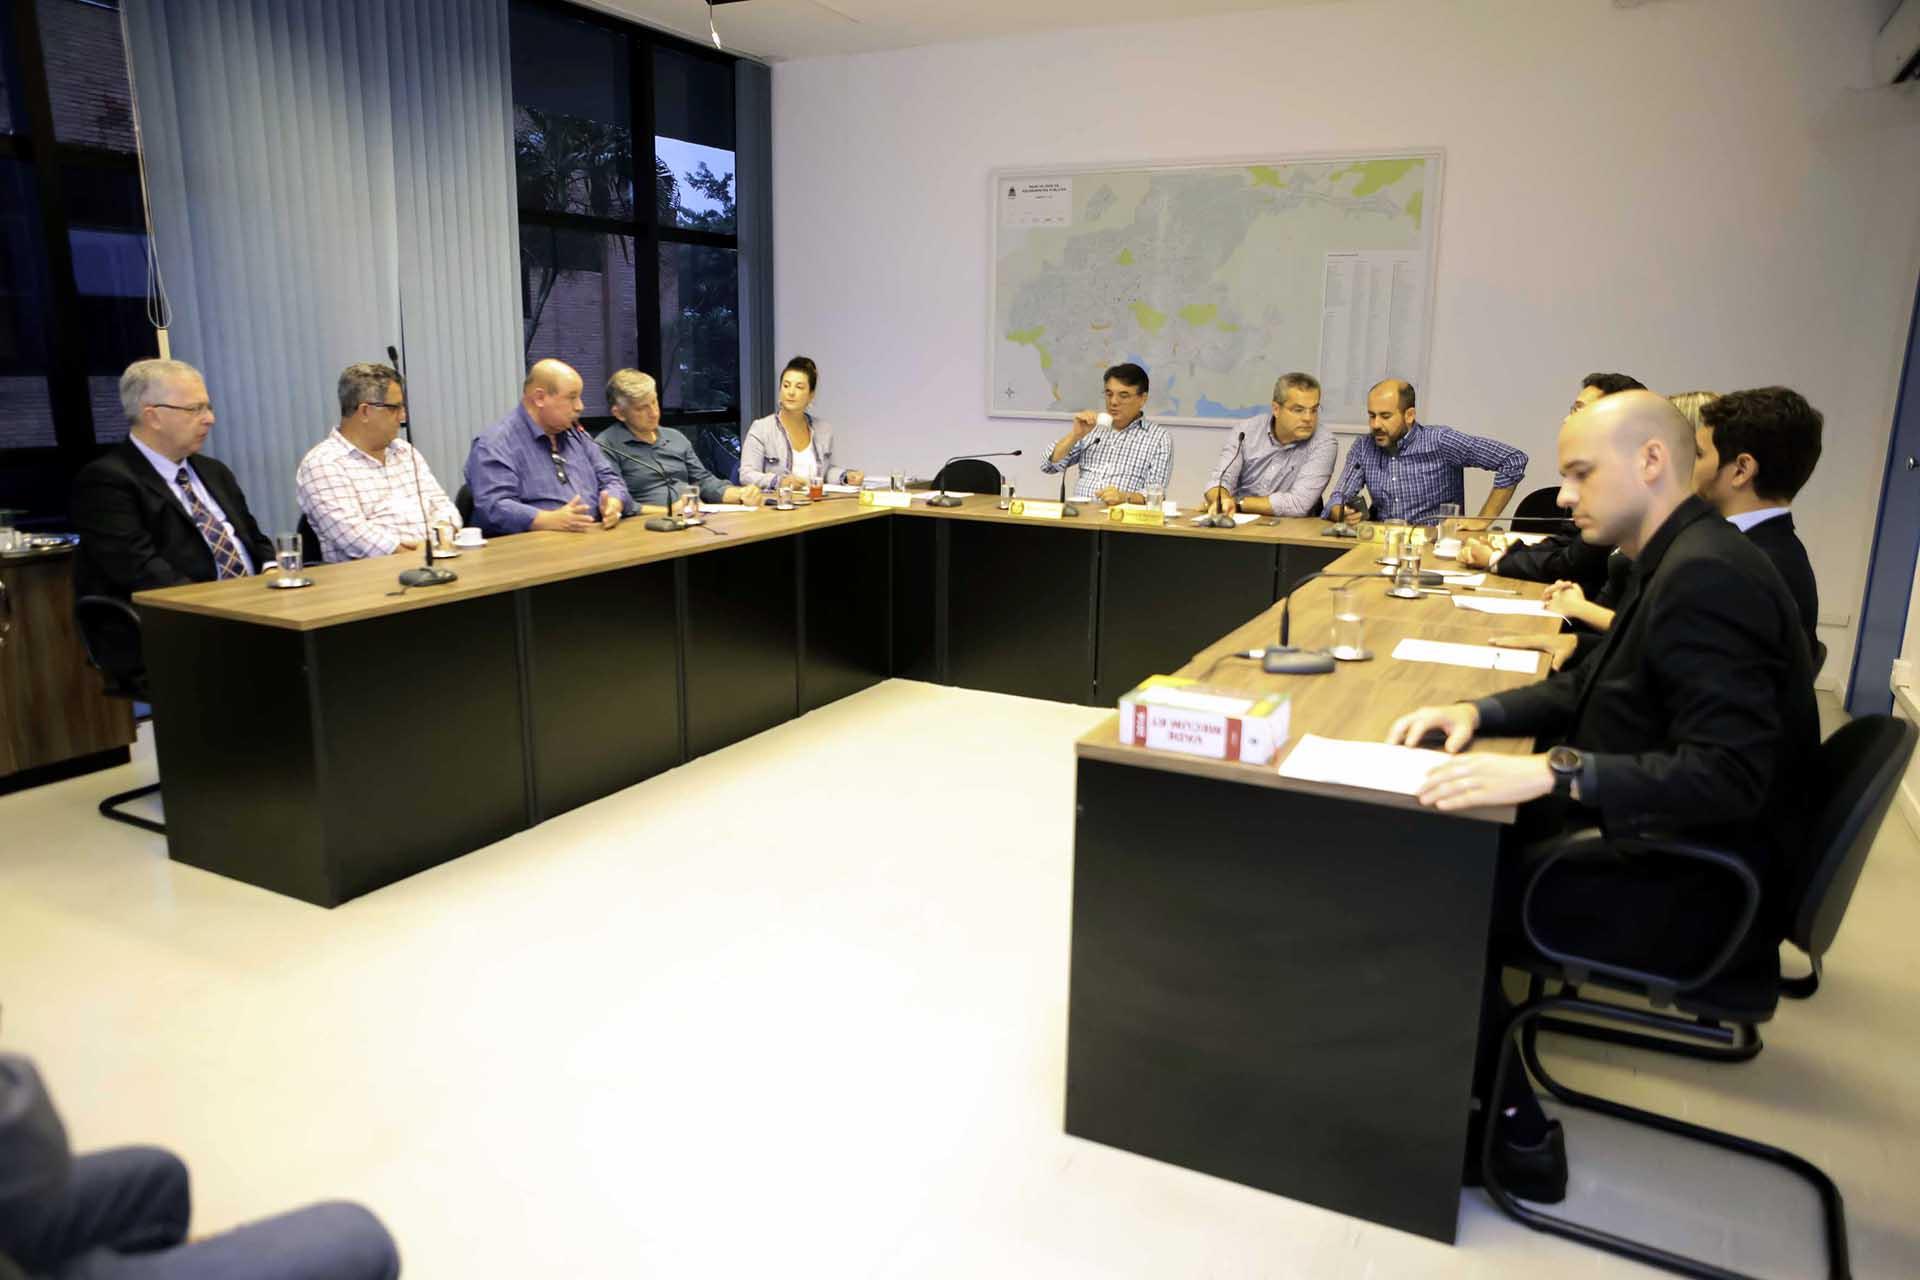 Texto foi aprovado por unanimidade na comissão de legislação | Foto Divulgação Mauro Arthur Schlieck/CVJ